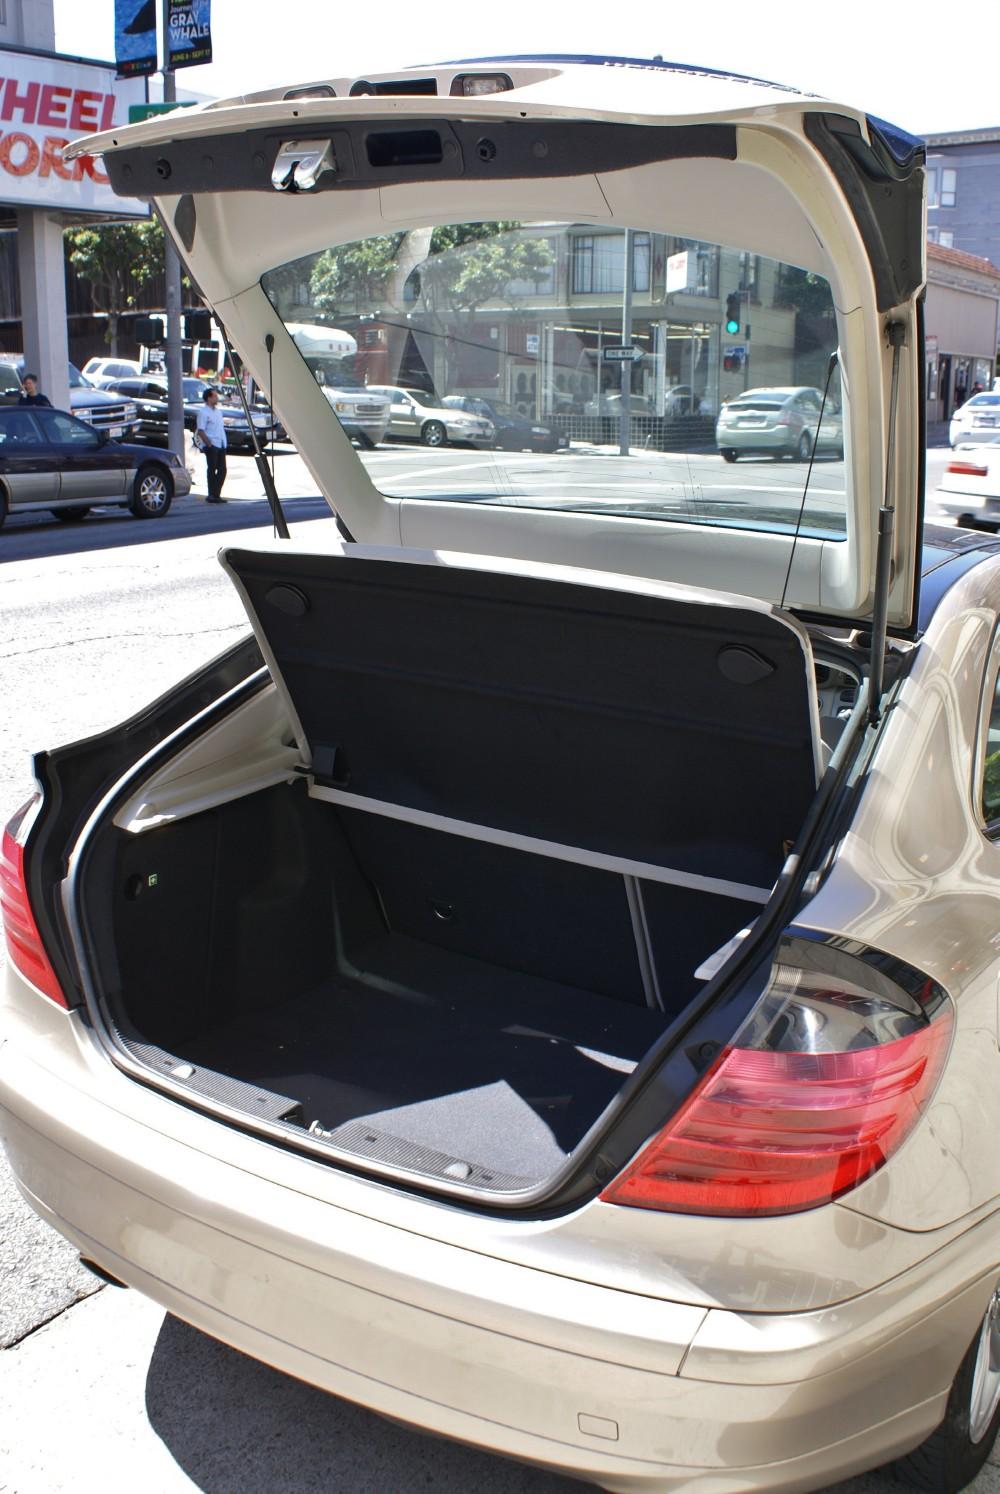 2002 mercedes benz c230 kompressor stock 130603 for sale for Mercedes benz dealer san francisco